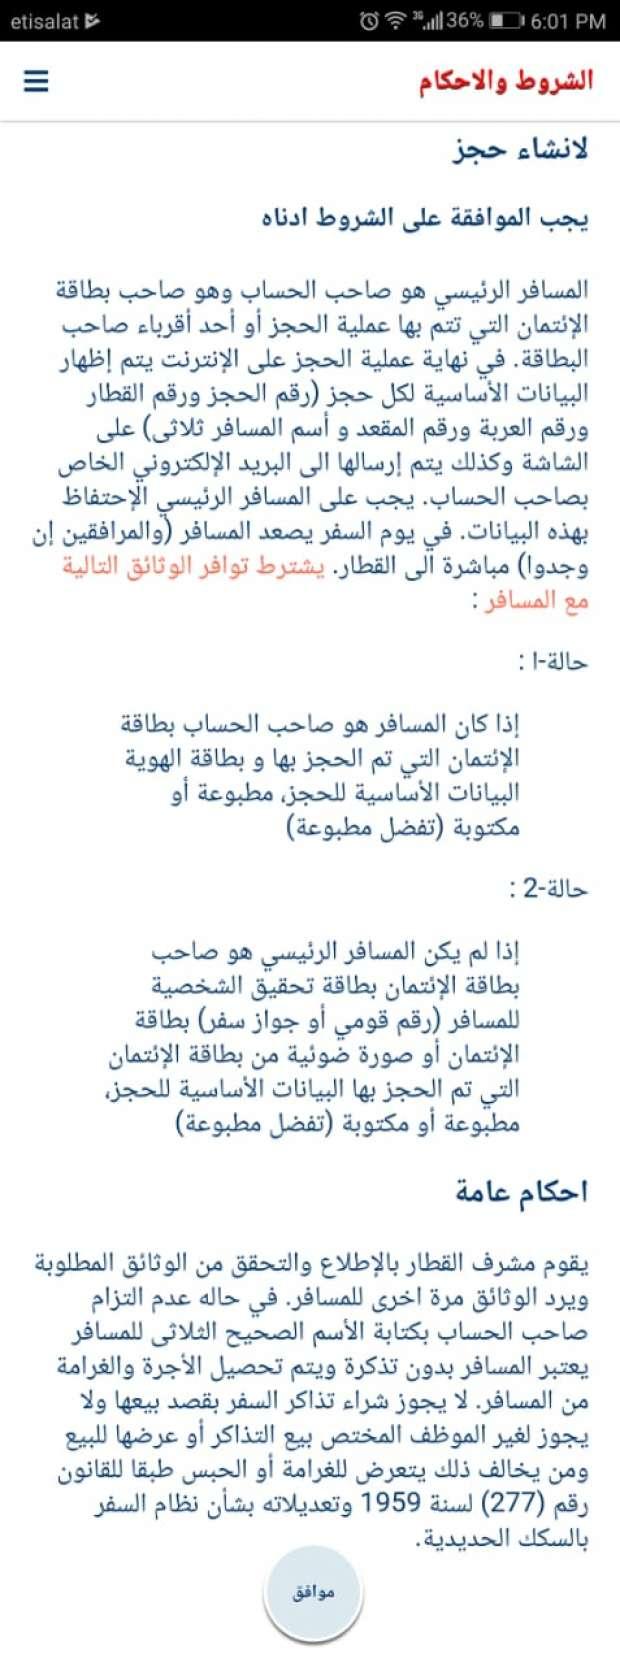 سكك حديد مصر: احجز مقعدك الآن من خلال ابلكيشن الموبايل بالرقم القومي ومواعيد القطارات وحقيقة زيادة السعر 10% 6 11/2/2020 - 10:10 ص